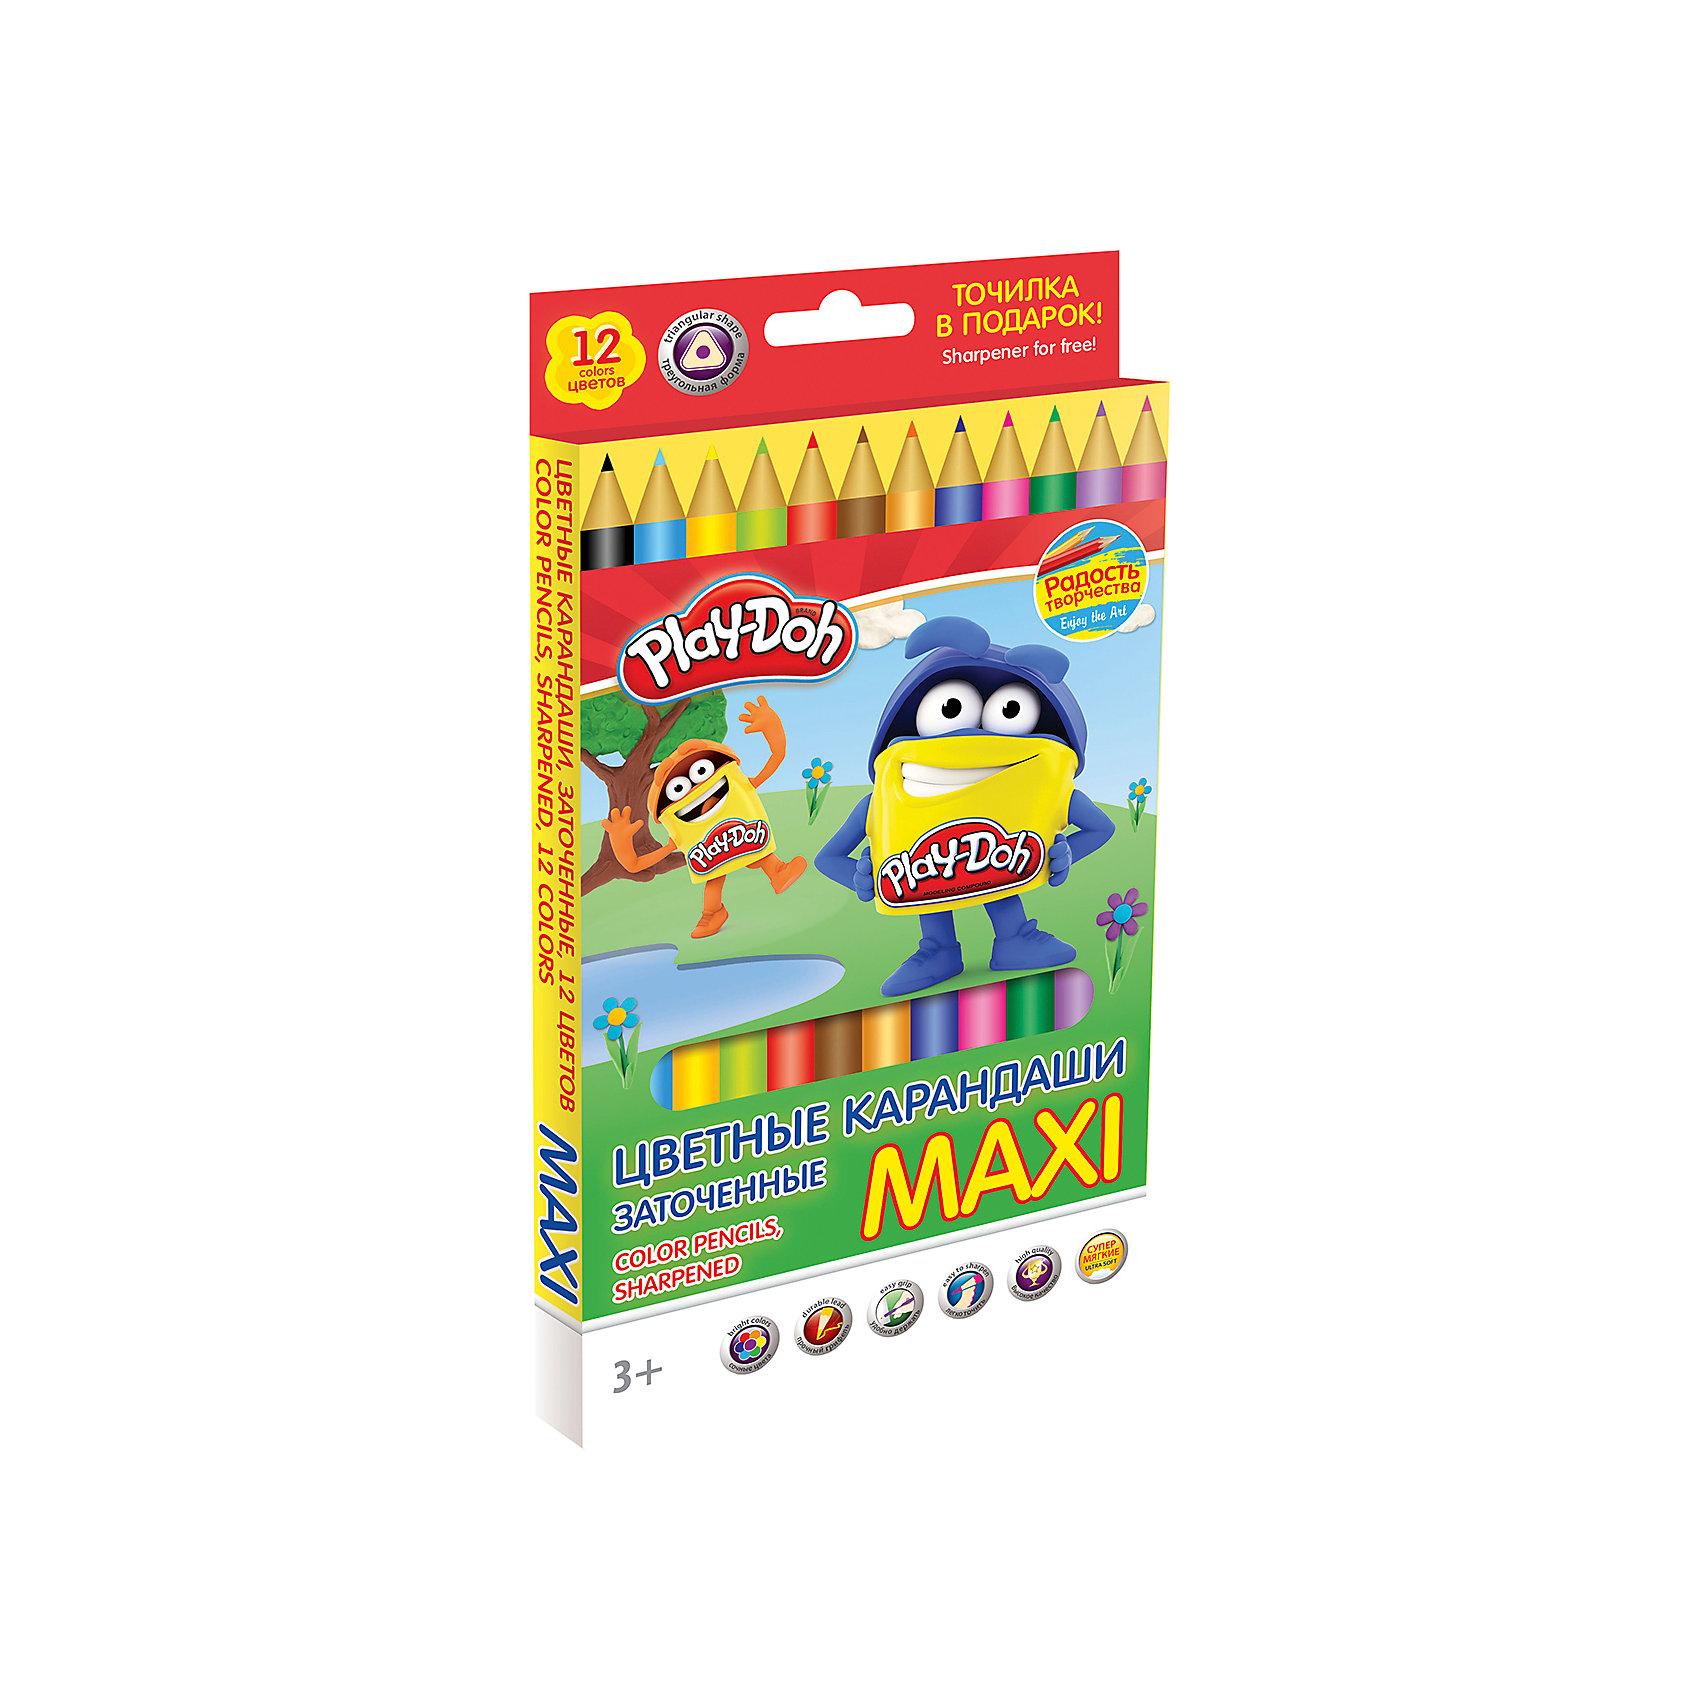 Академия групп Цветные карандаши Maxi 12 цветов, Play-Doh play doh набор для лепки магазинчик печенья play doh